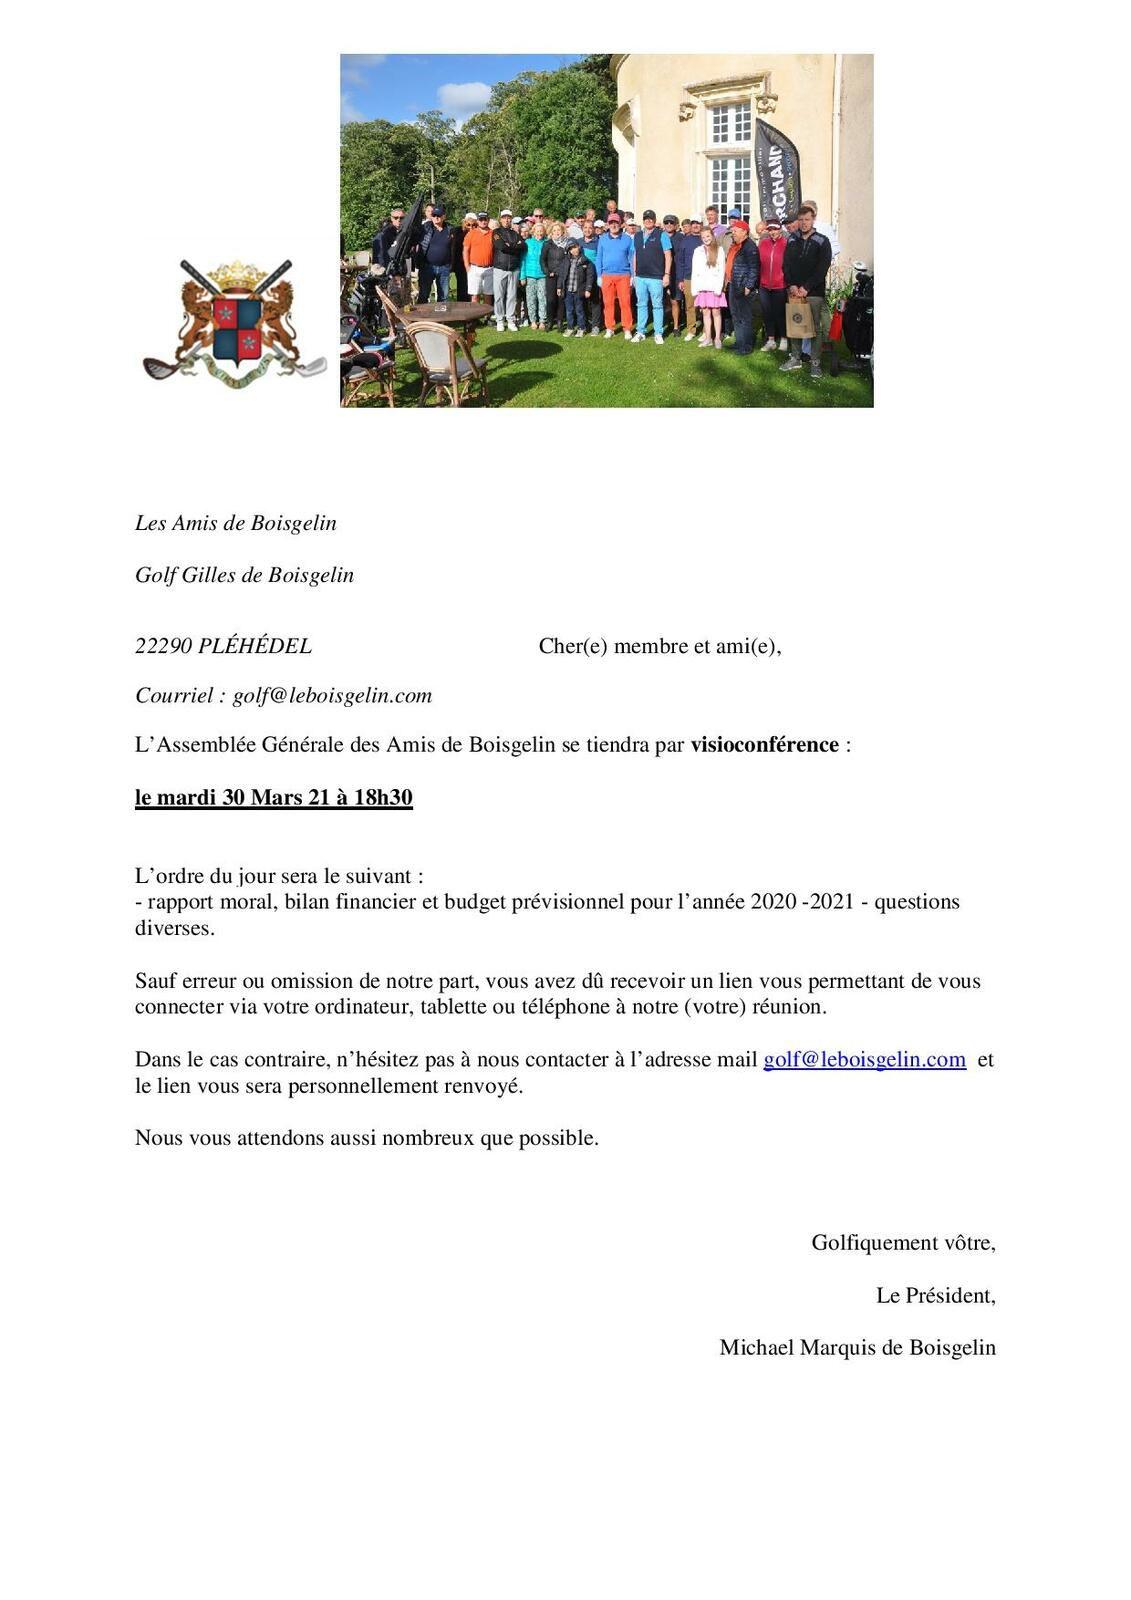 A.G. de l'association des Amis de Boisgelin : Rappel